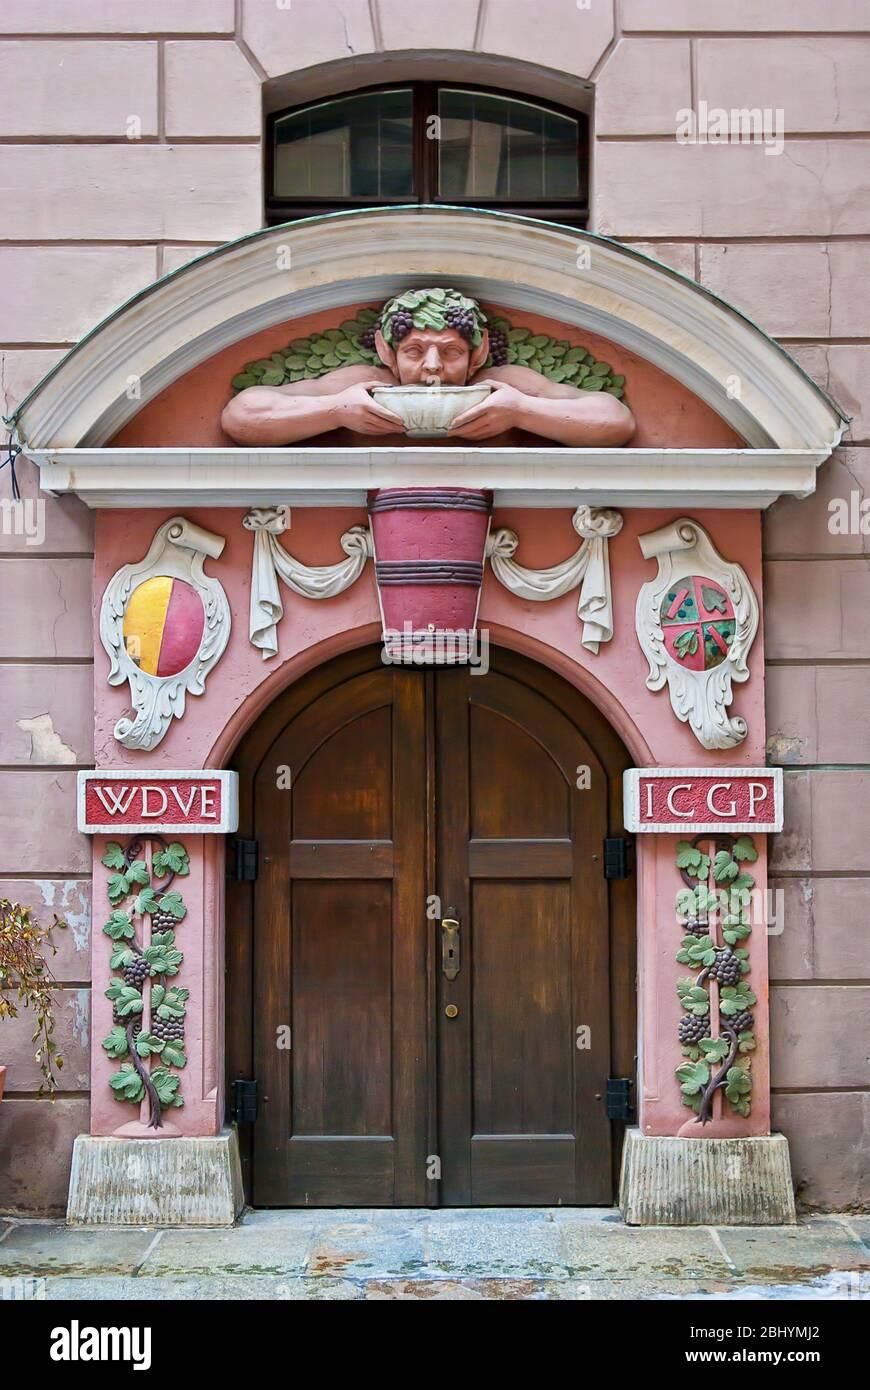 Historischer Eingang zu einem Weinkeller in der Altstadt von Dresden, Sachsen, Deutschland. Stockfoto